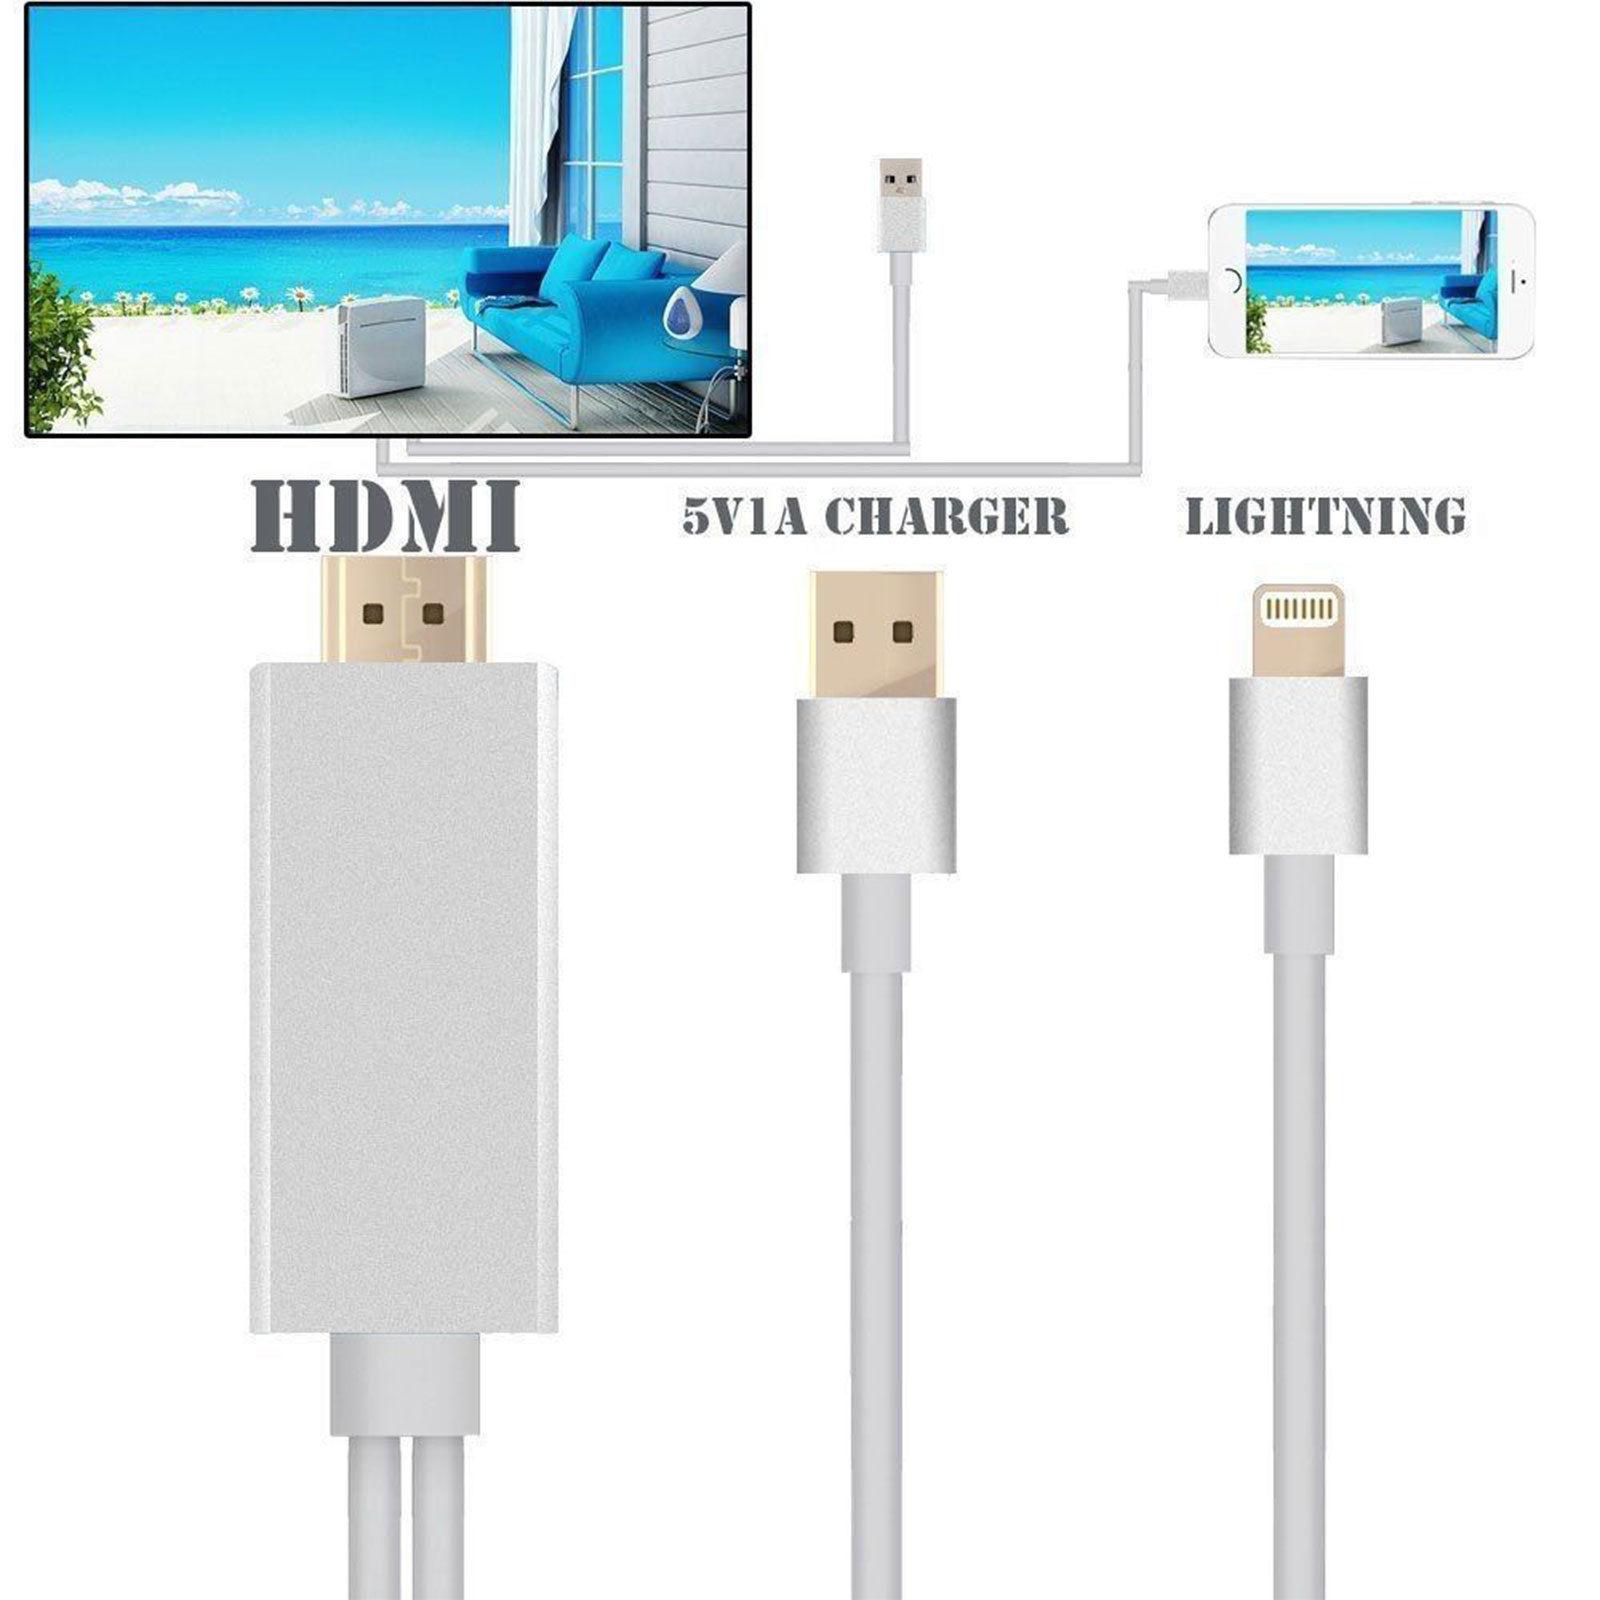 Hdmi Cable Hdtv Tv Av Adapter Usb